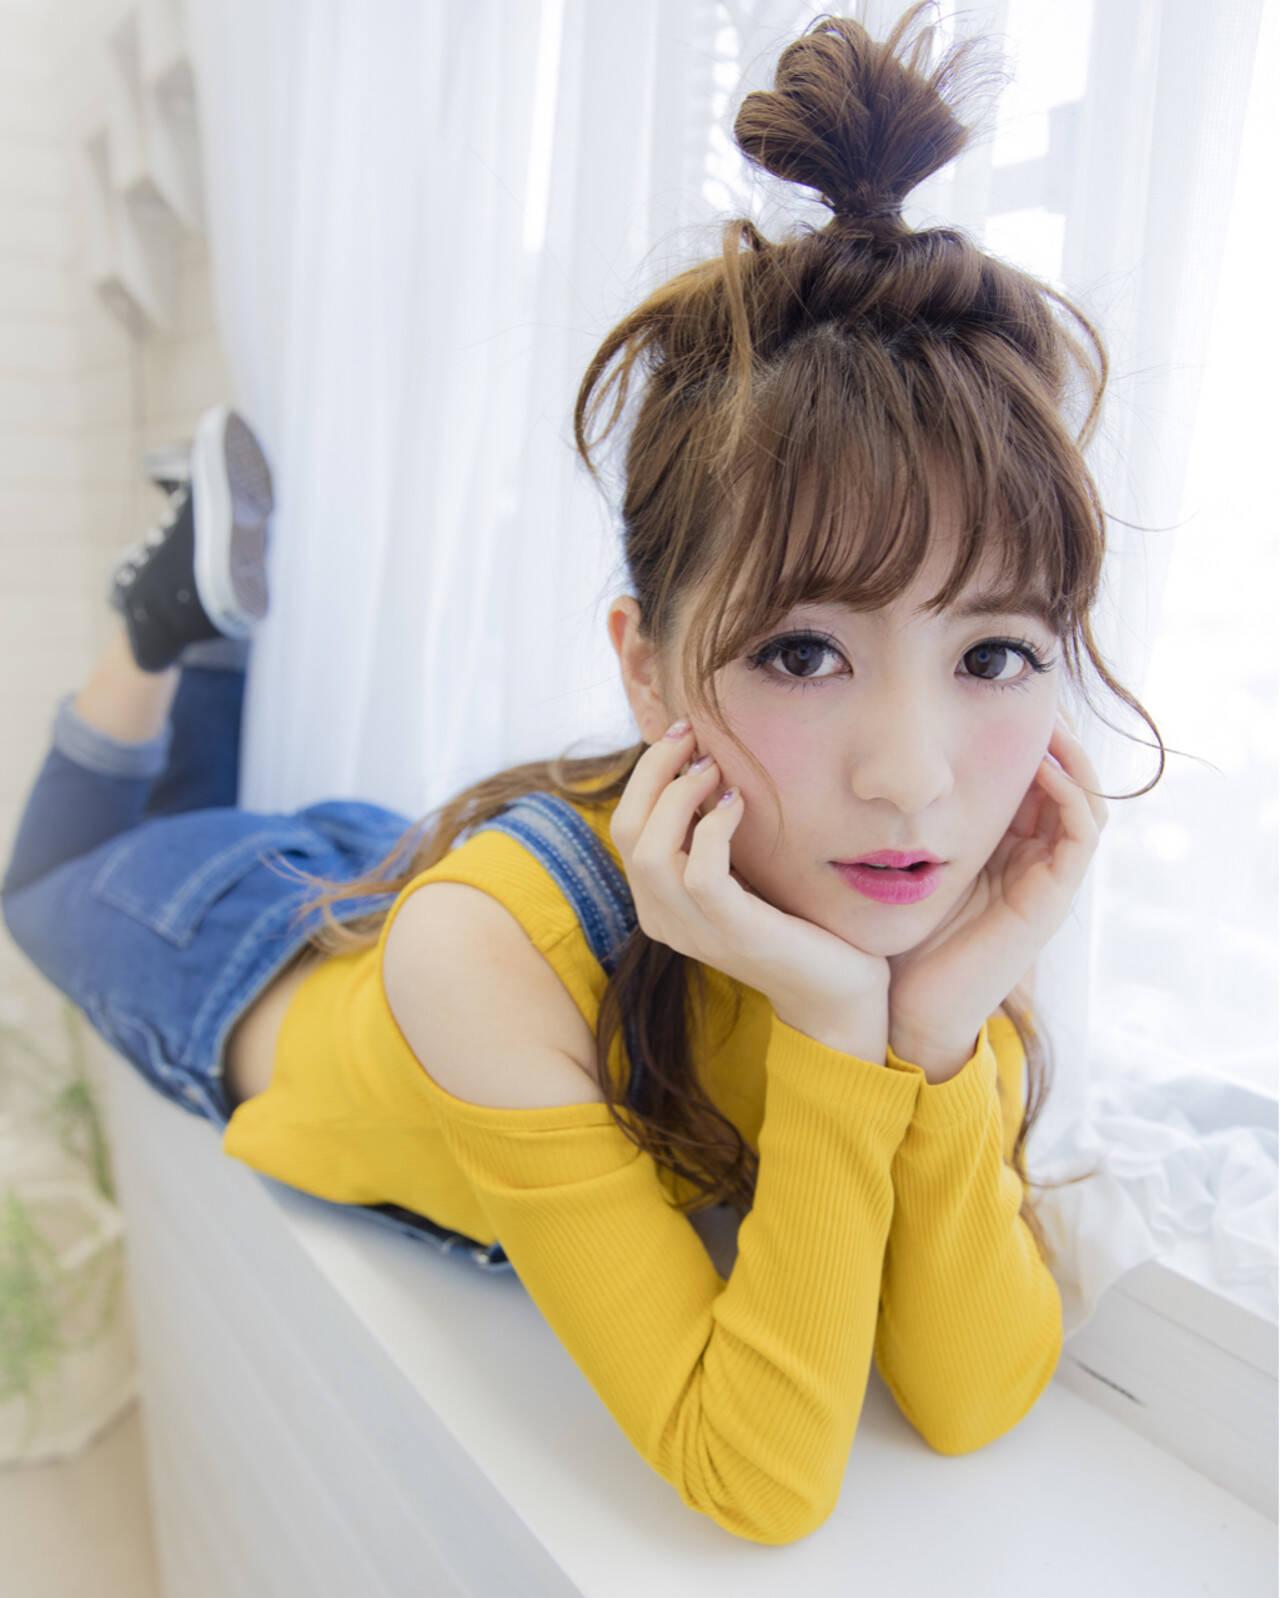 ゆるふわ ヘアアレンジ ロング ハーフアップヘアスタイルや髪型の写真・画像